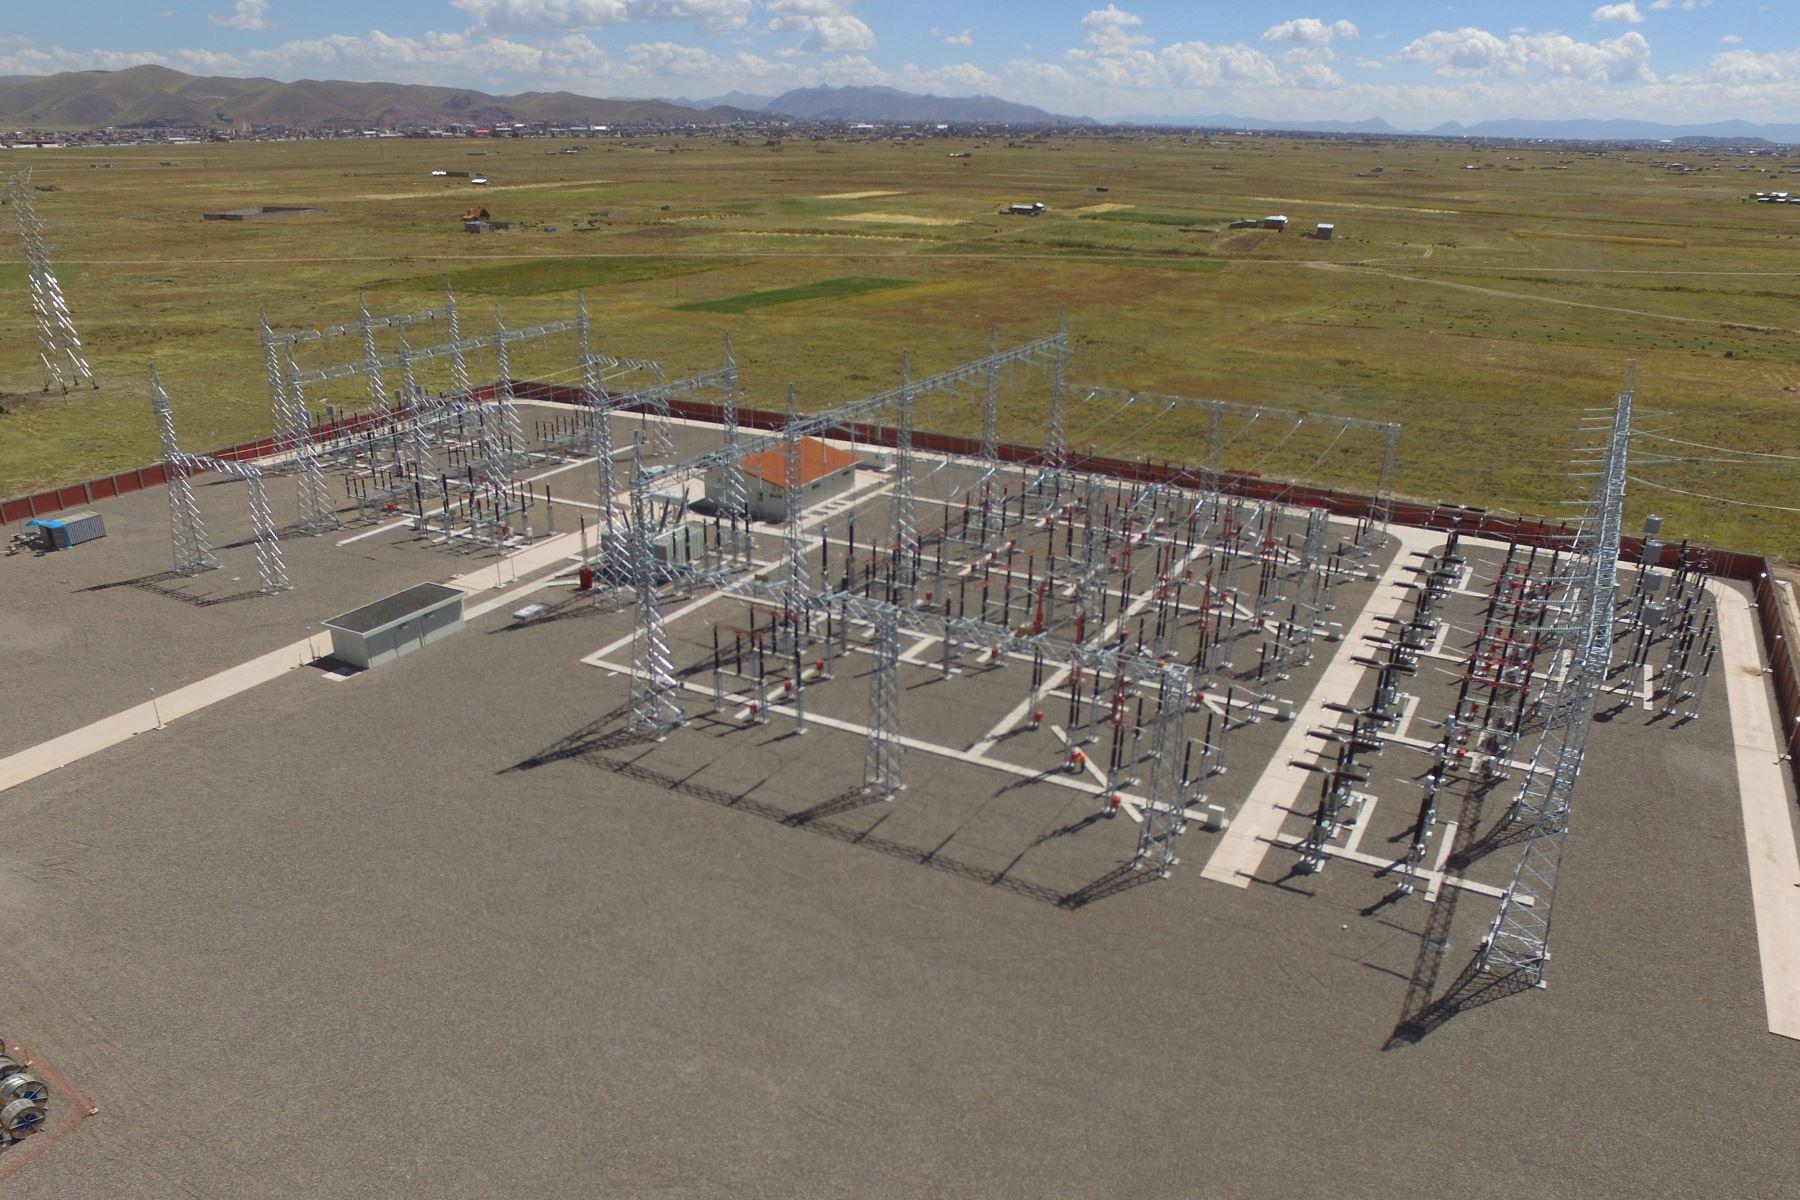 Ponen en servicio la línea eléctrica Azángaro-Juliaca-Puno, en Puno.